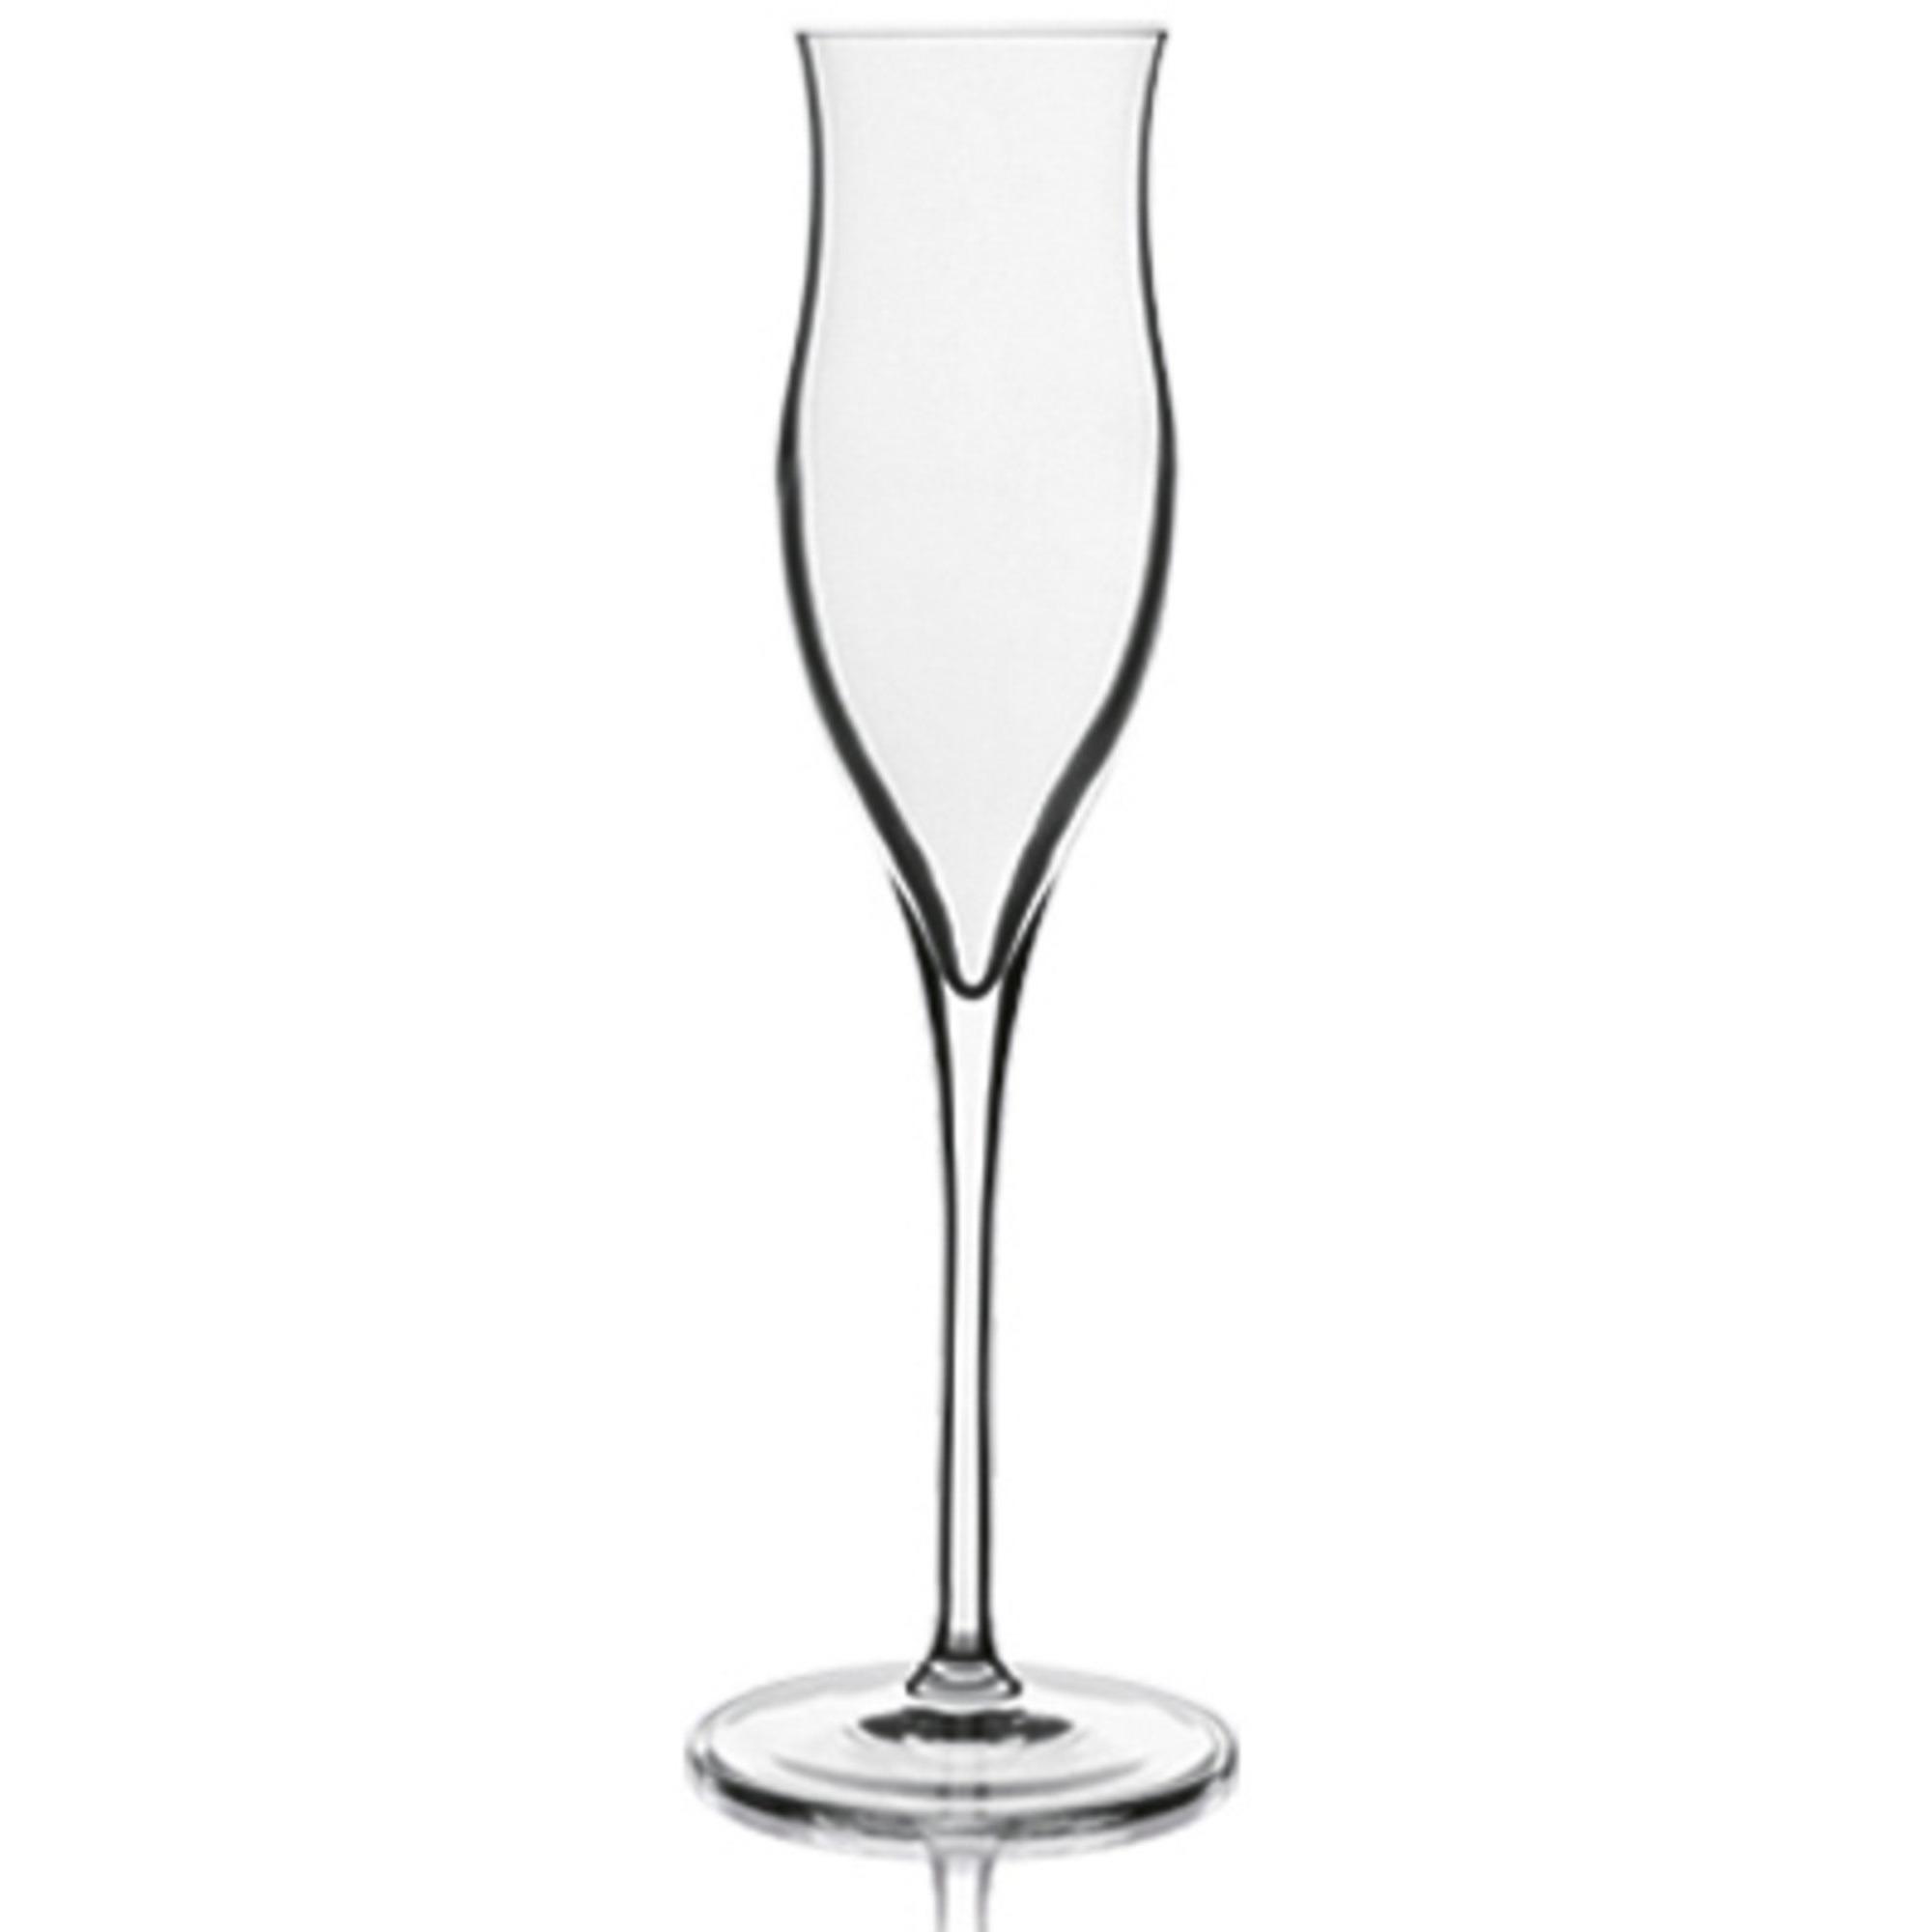 Luigi Bormioli Vinoteque grappaglas 6 st.